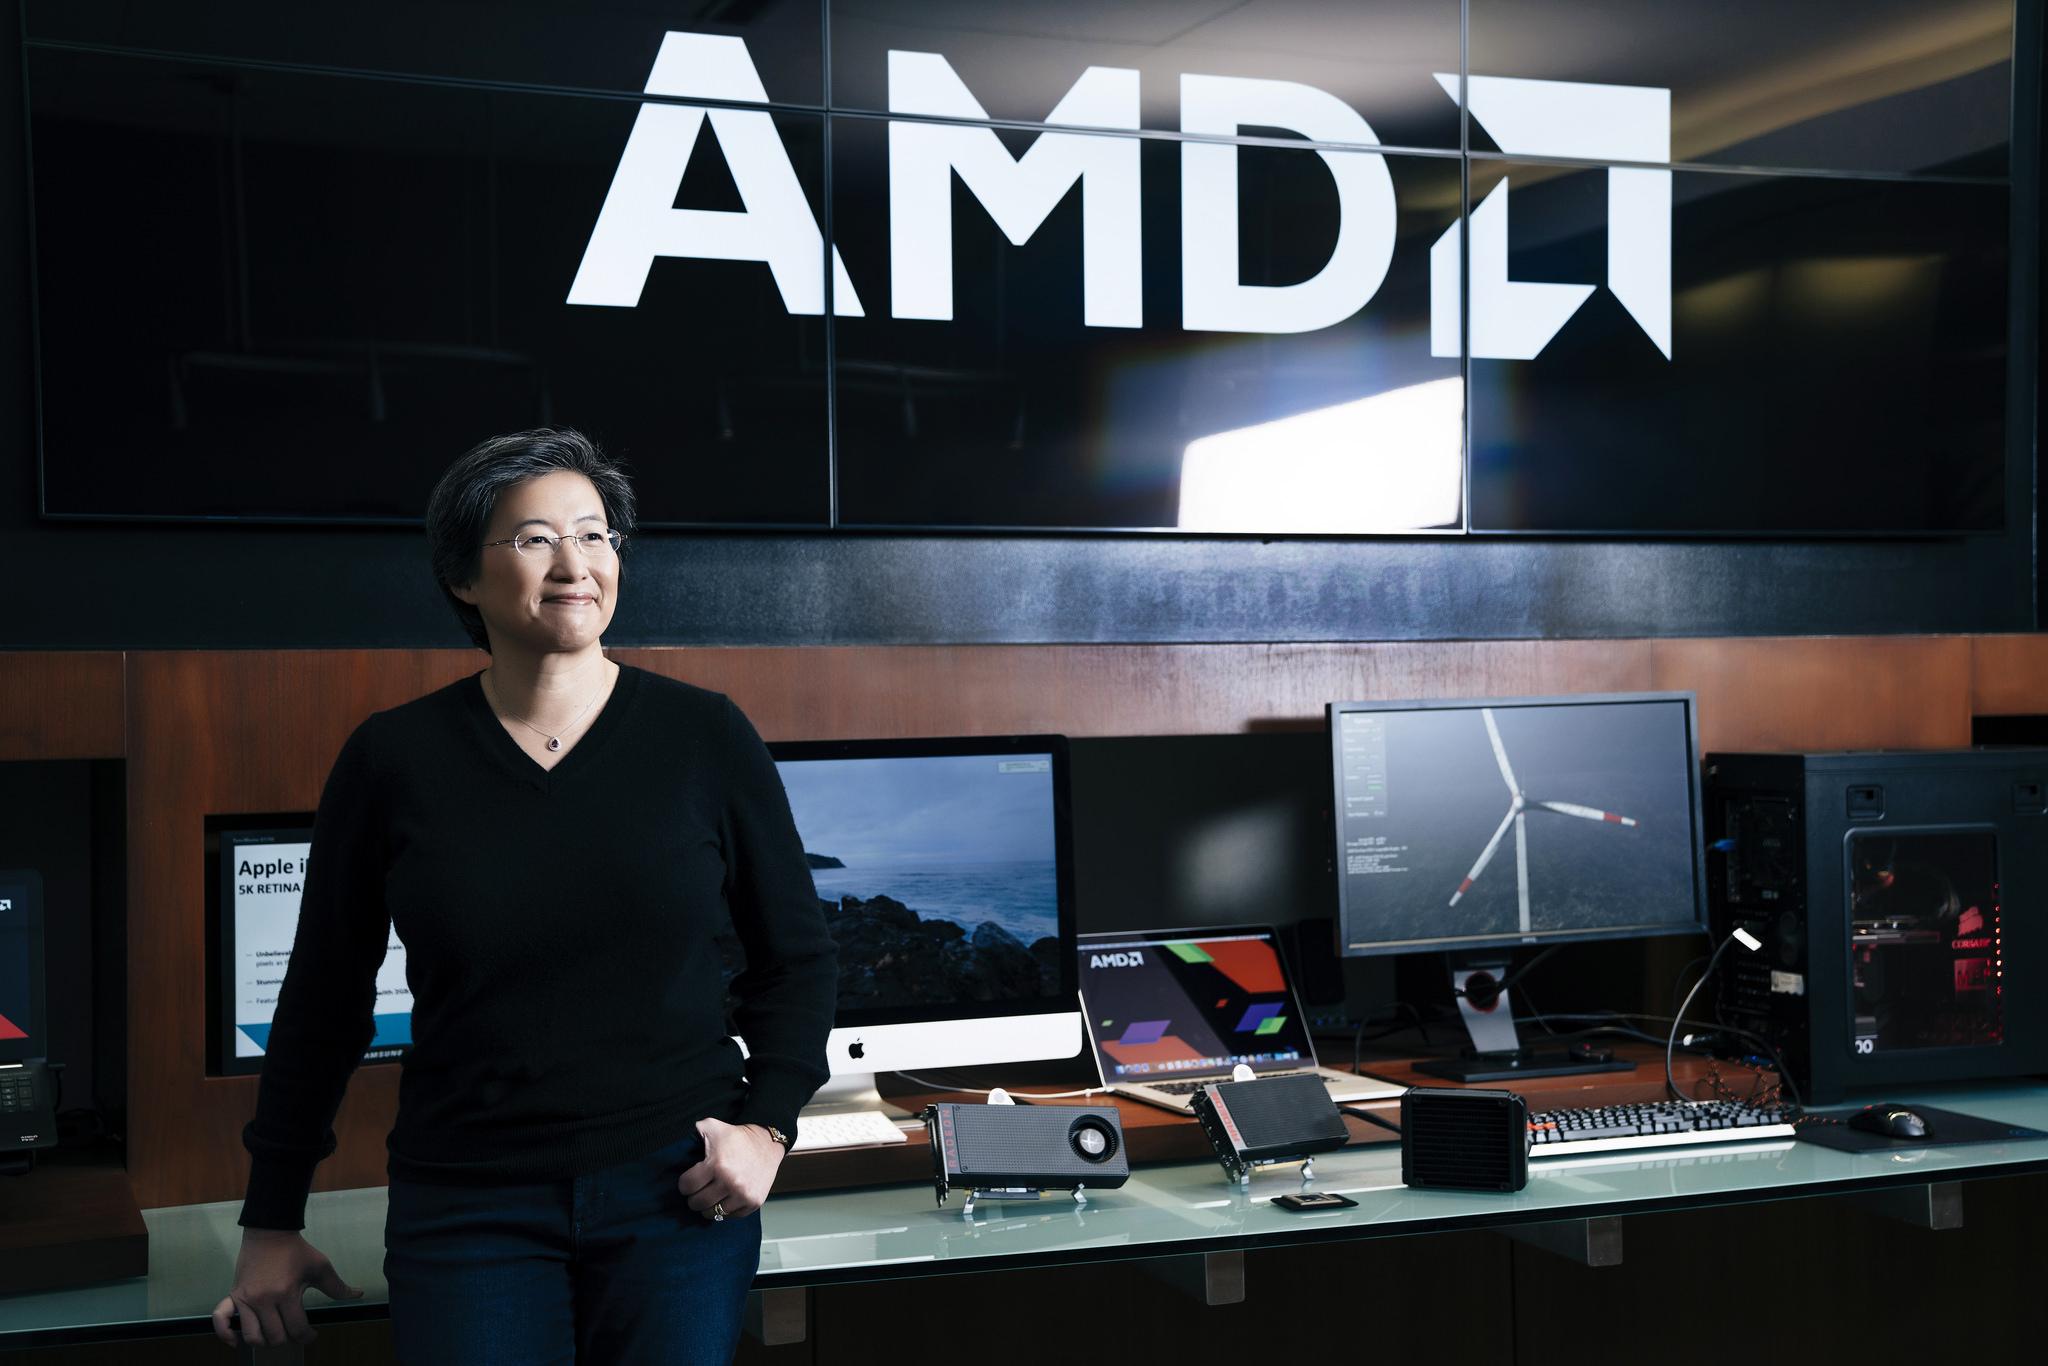 Procesoare Intel cu grafică AMD Radeon. Cele două companii au prezentat la CES 2018 cipuri Core i5 și i7 cu cipuri grafice AMD Radeon RX Vega M și 4 GB de memorie video. Lisa Su, șefa AMD, cu mai multe calculatoare și plăci video în spate